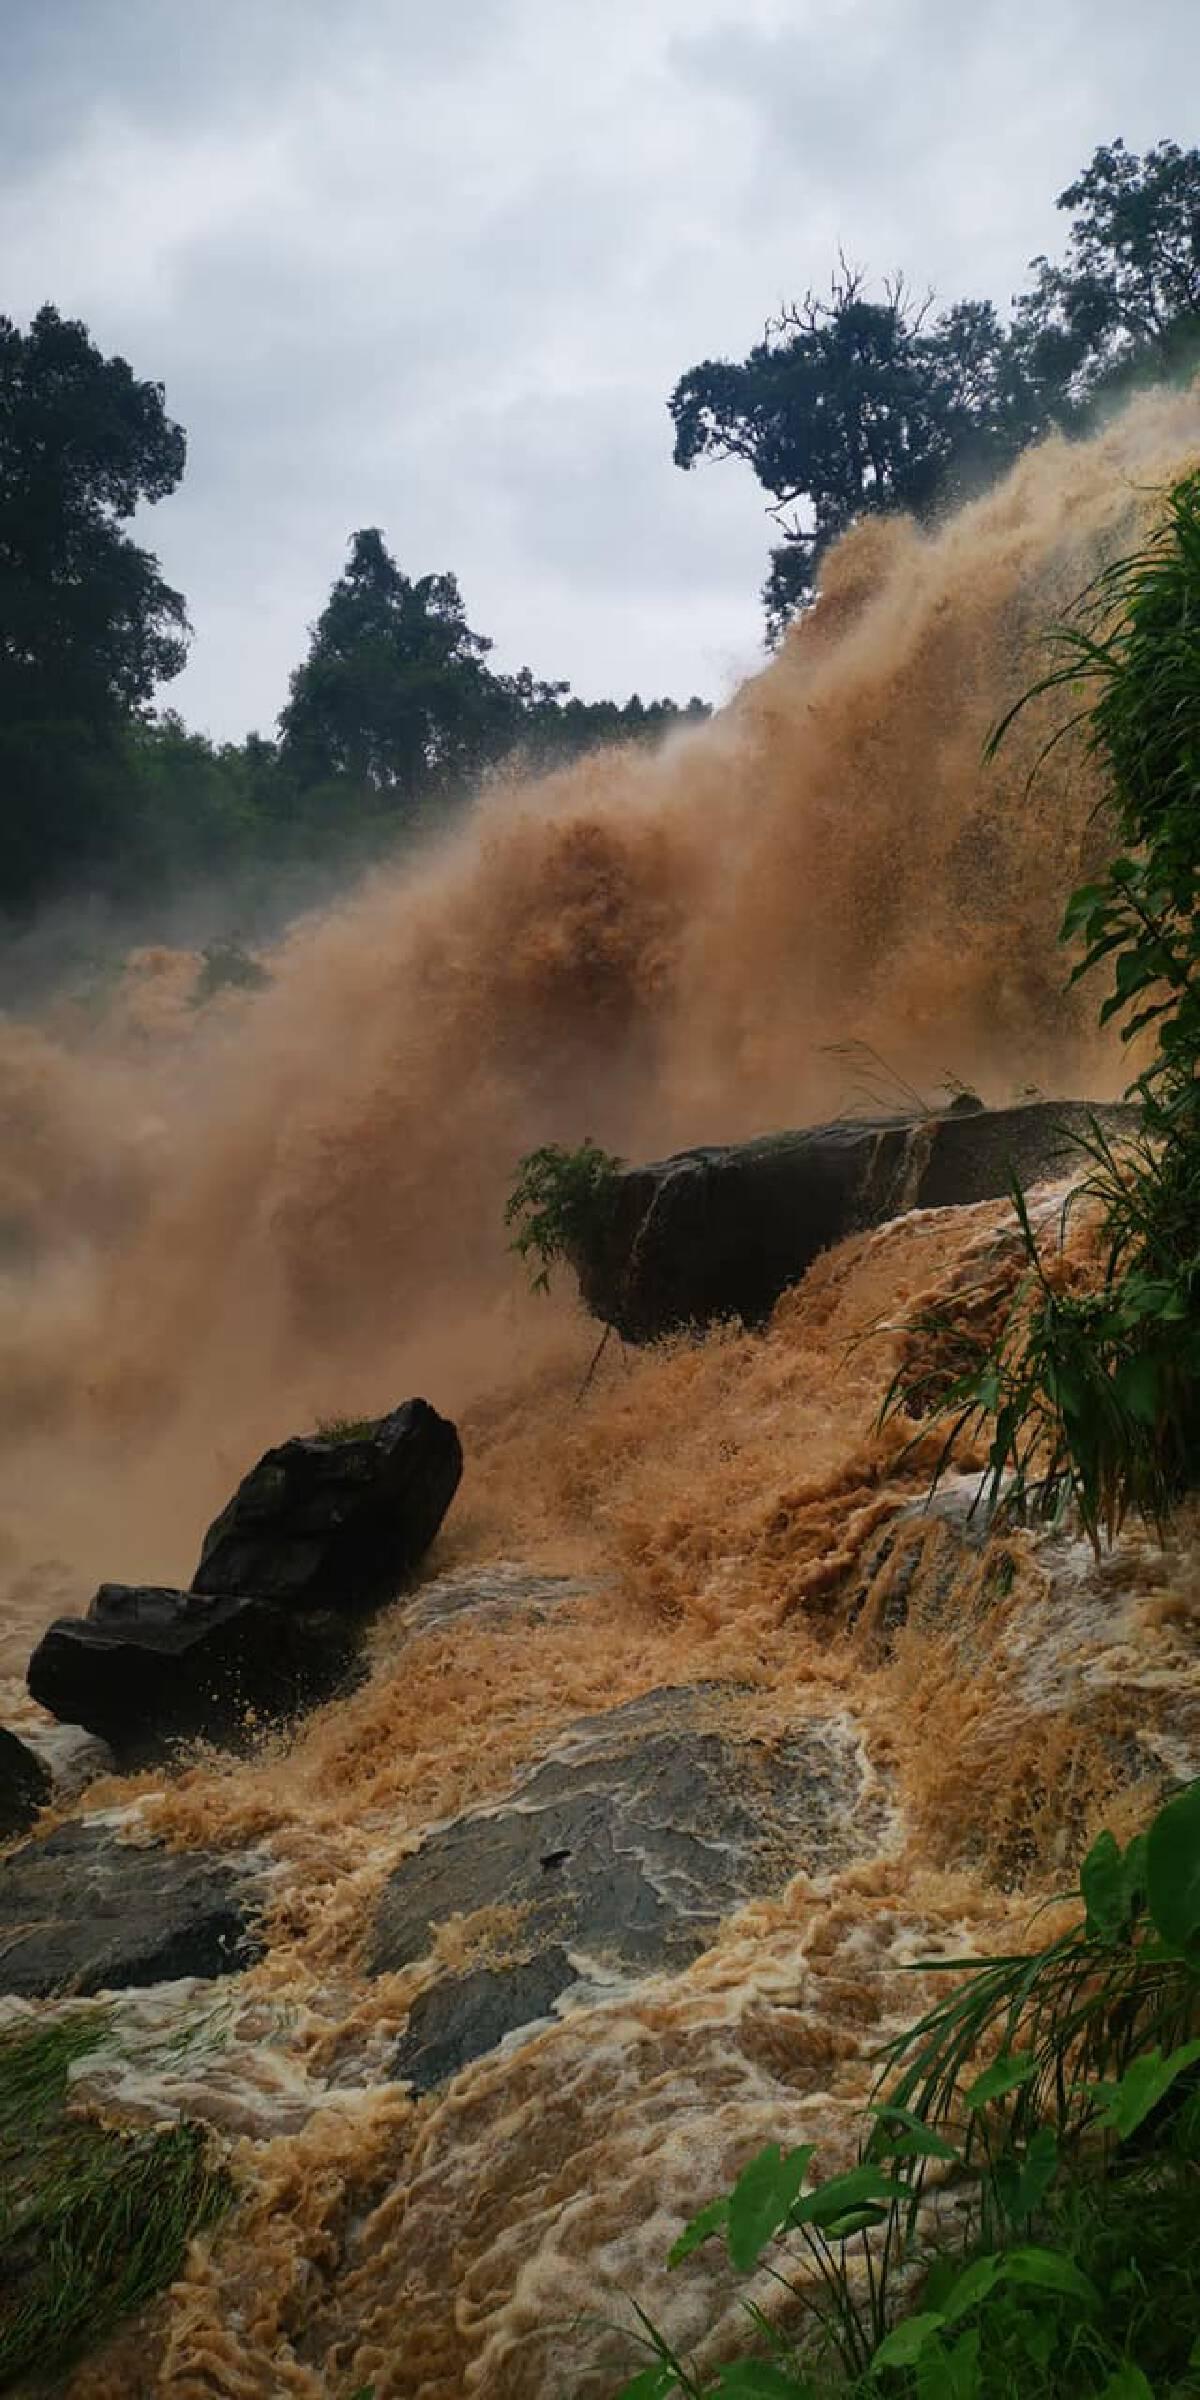 น้ำป่าดอยอินทนนท์ไหลหลากรุนแรงน่ากลัว!